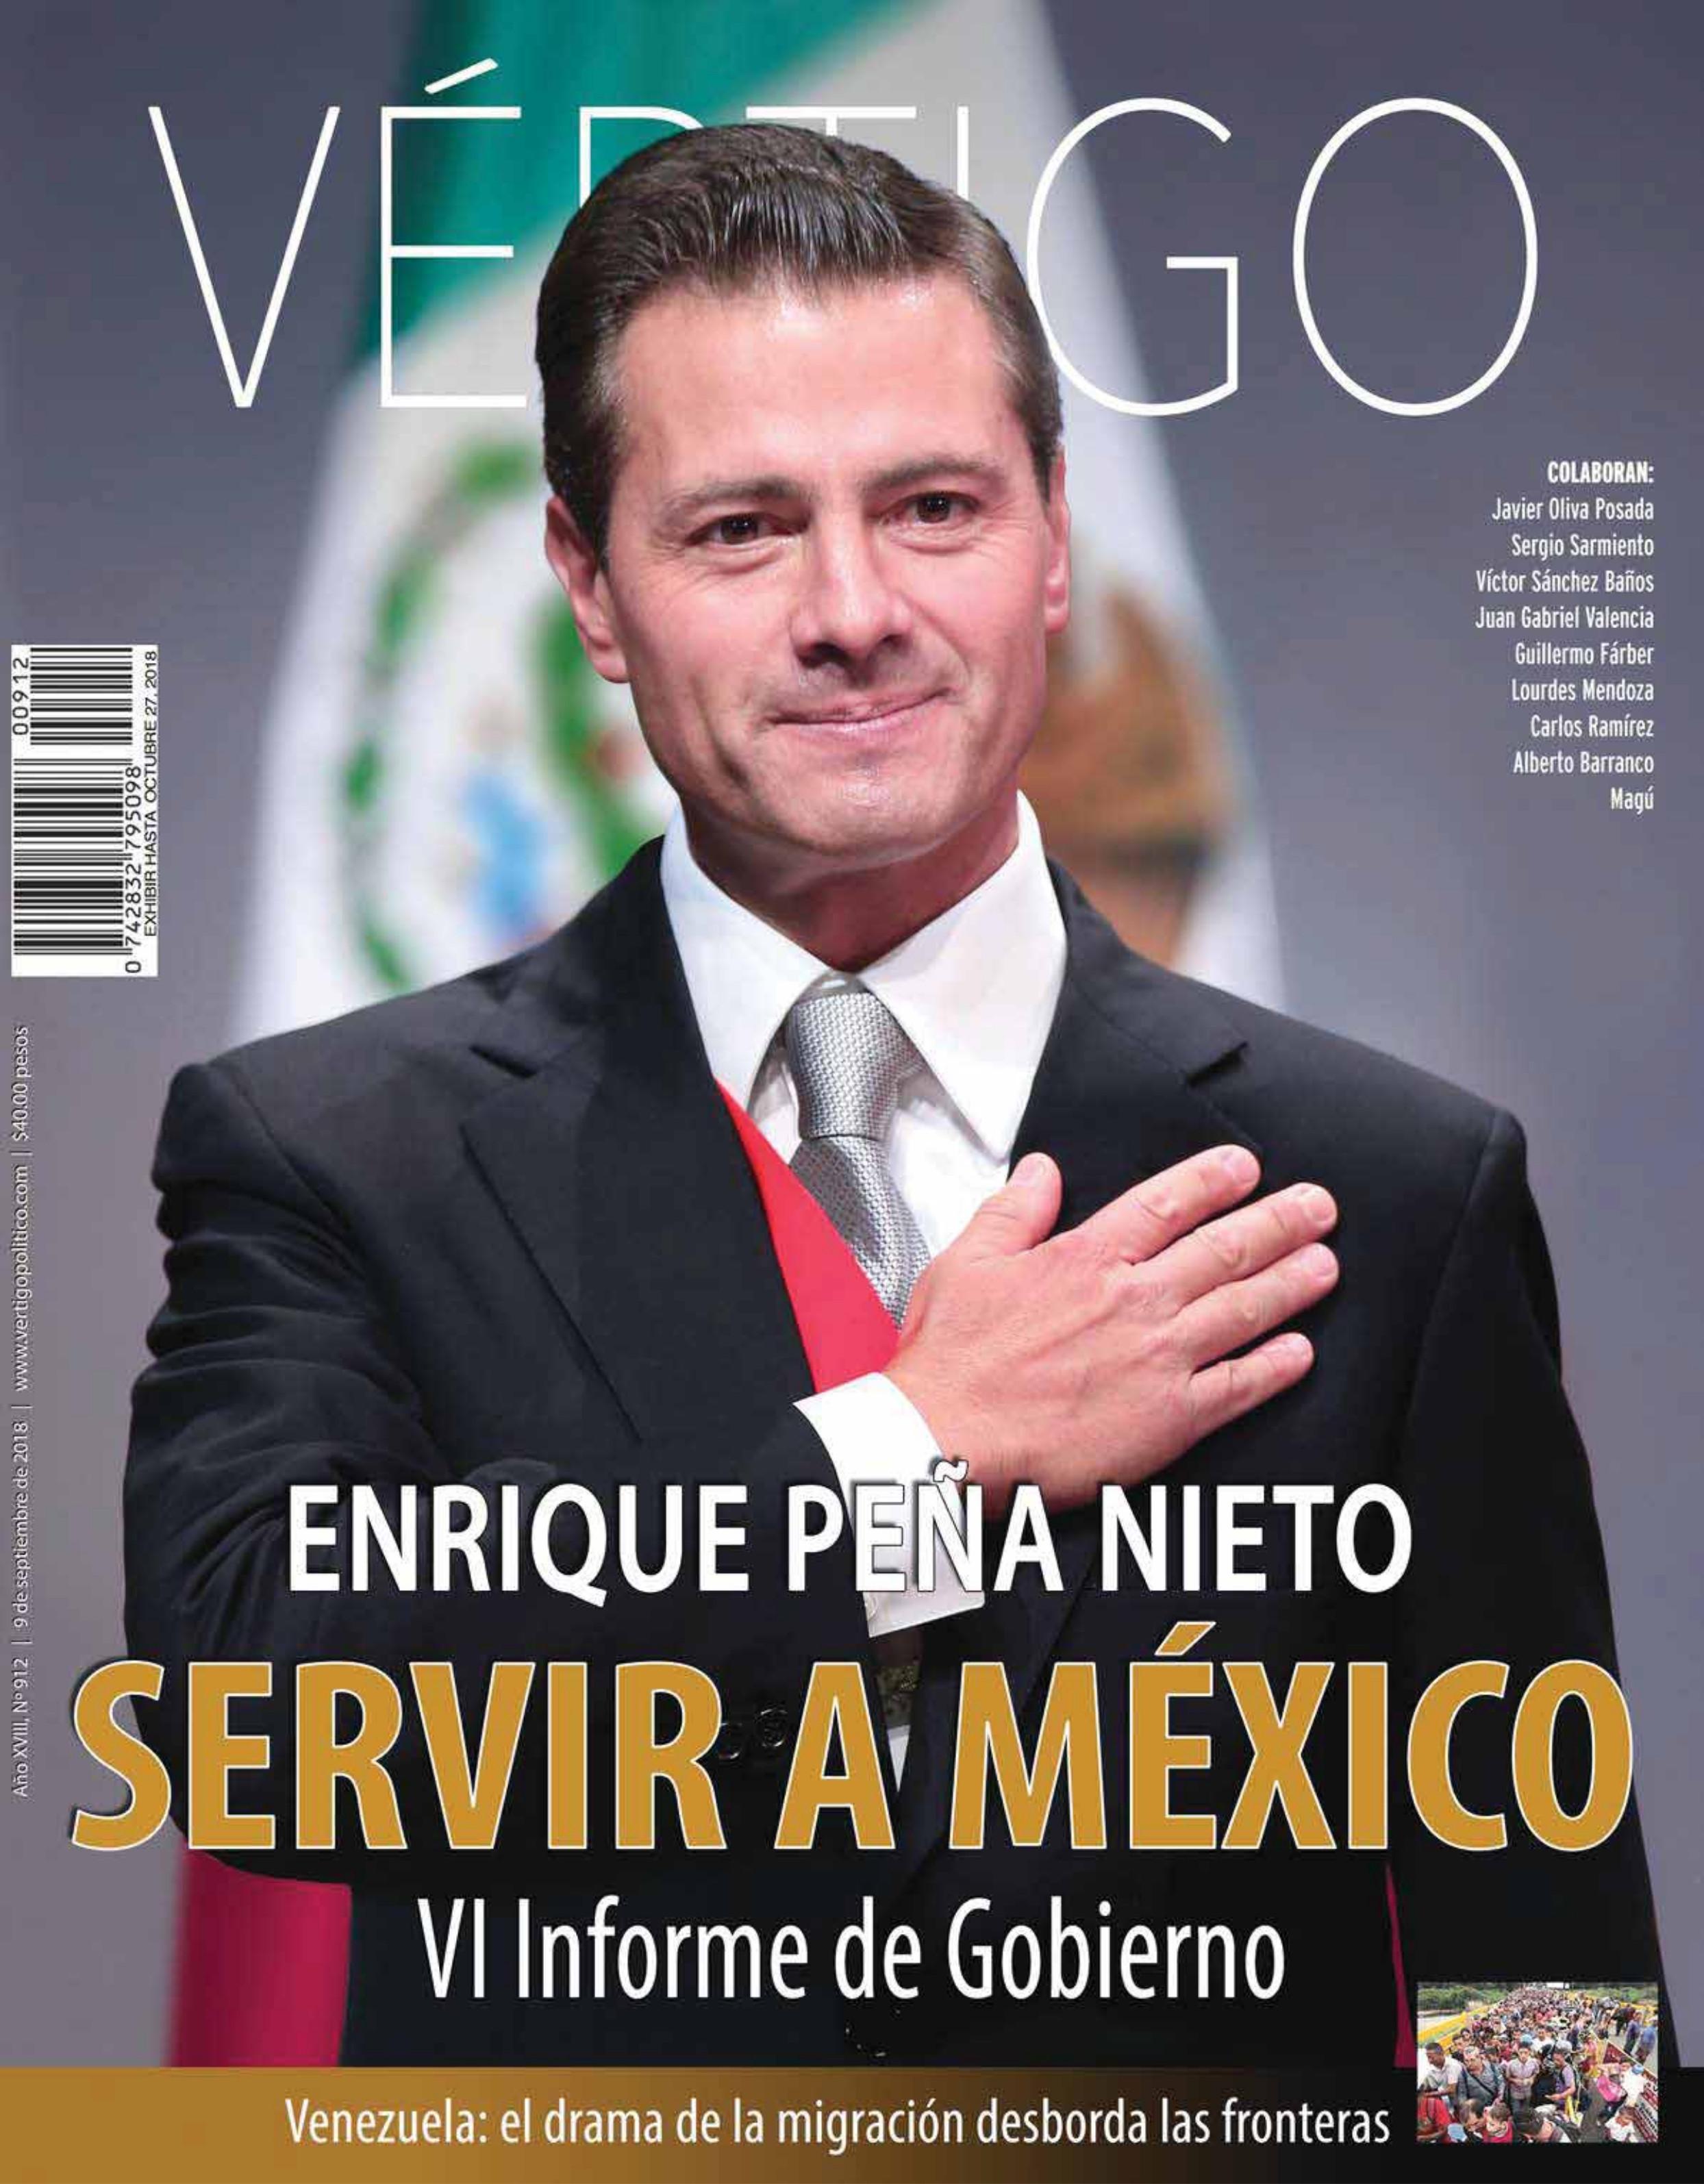 Regresa el porrismo asesino a la UNAM | Poder y Dinero